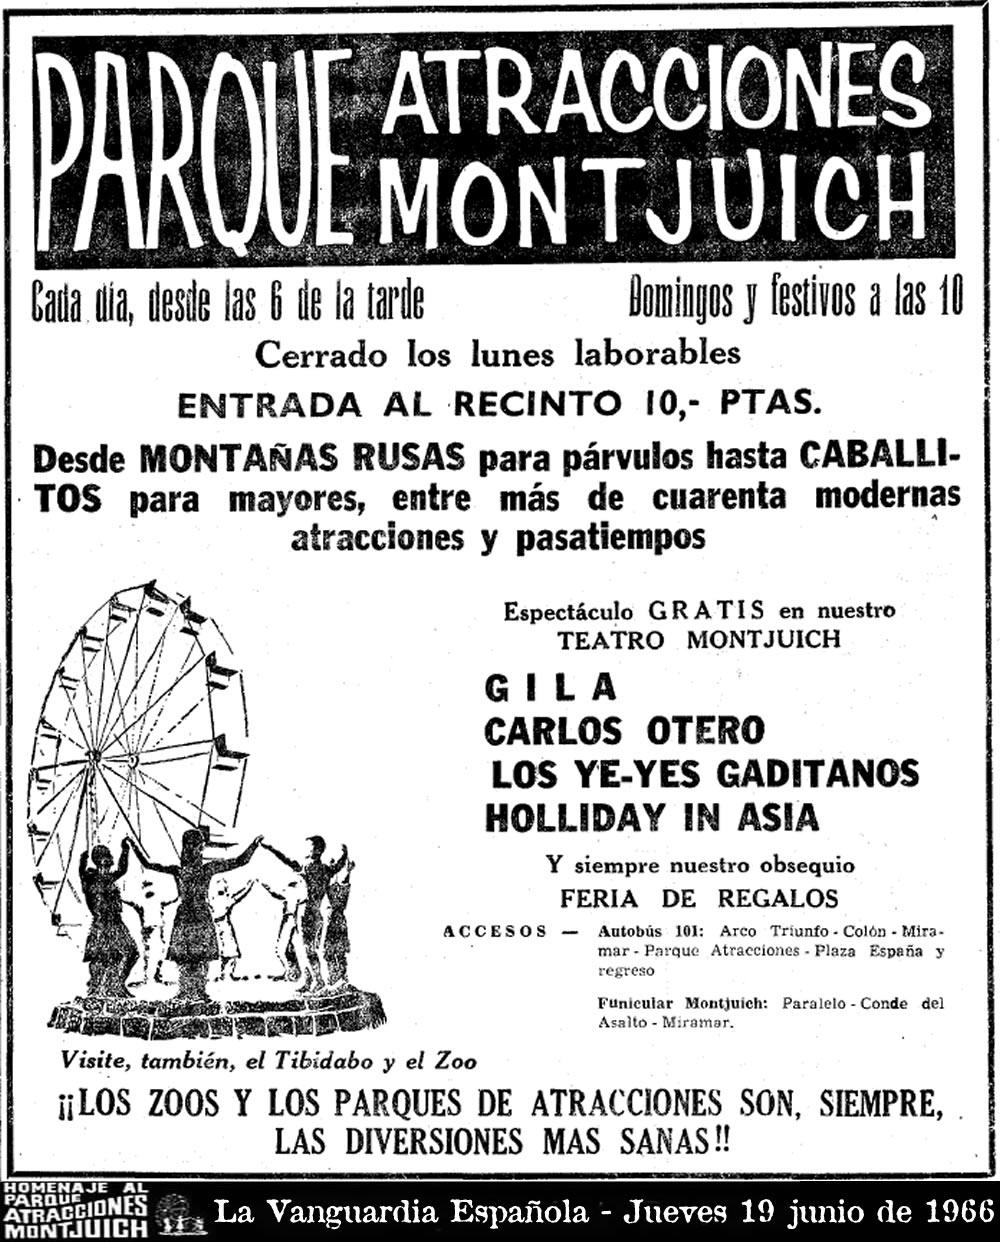 Cartel de La Vanguardia Española - Jueves 19 junio de 1966